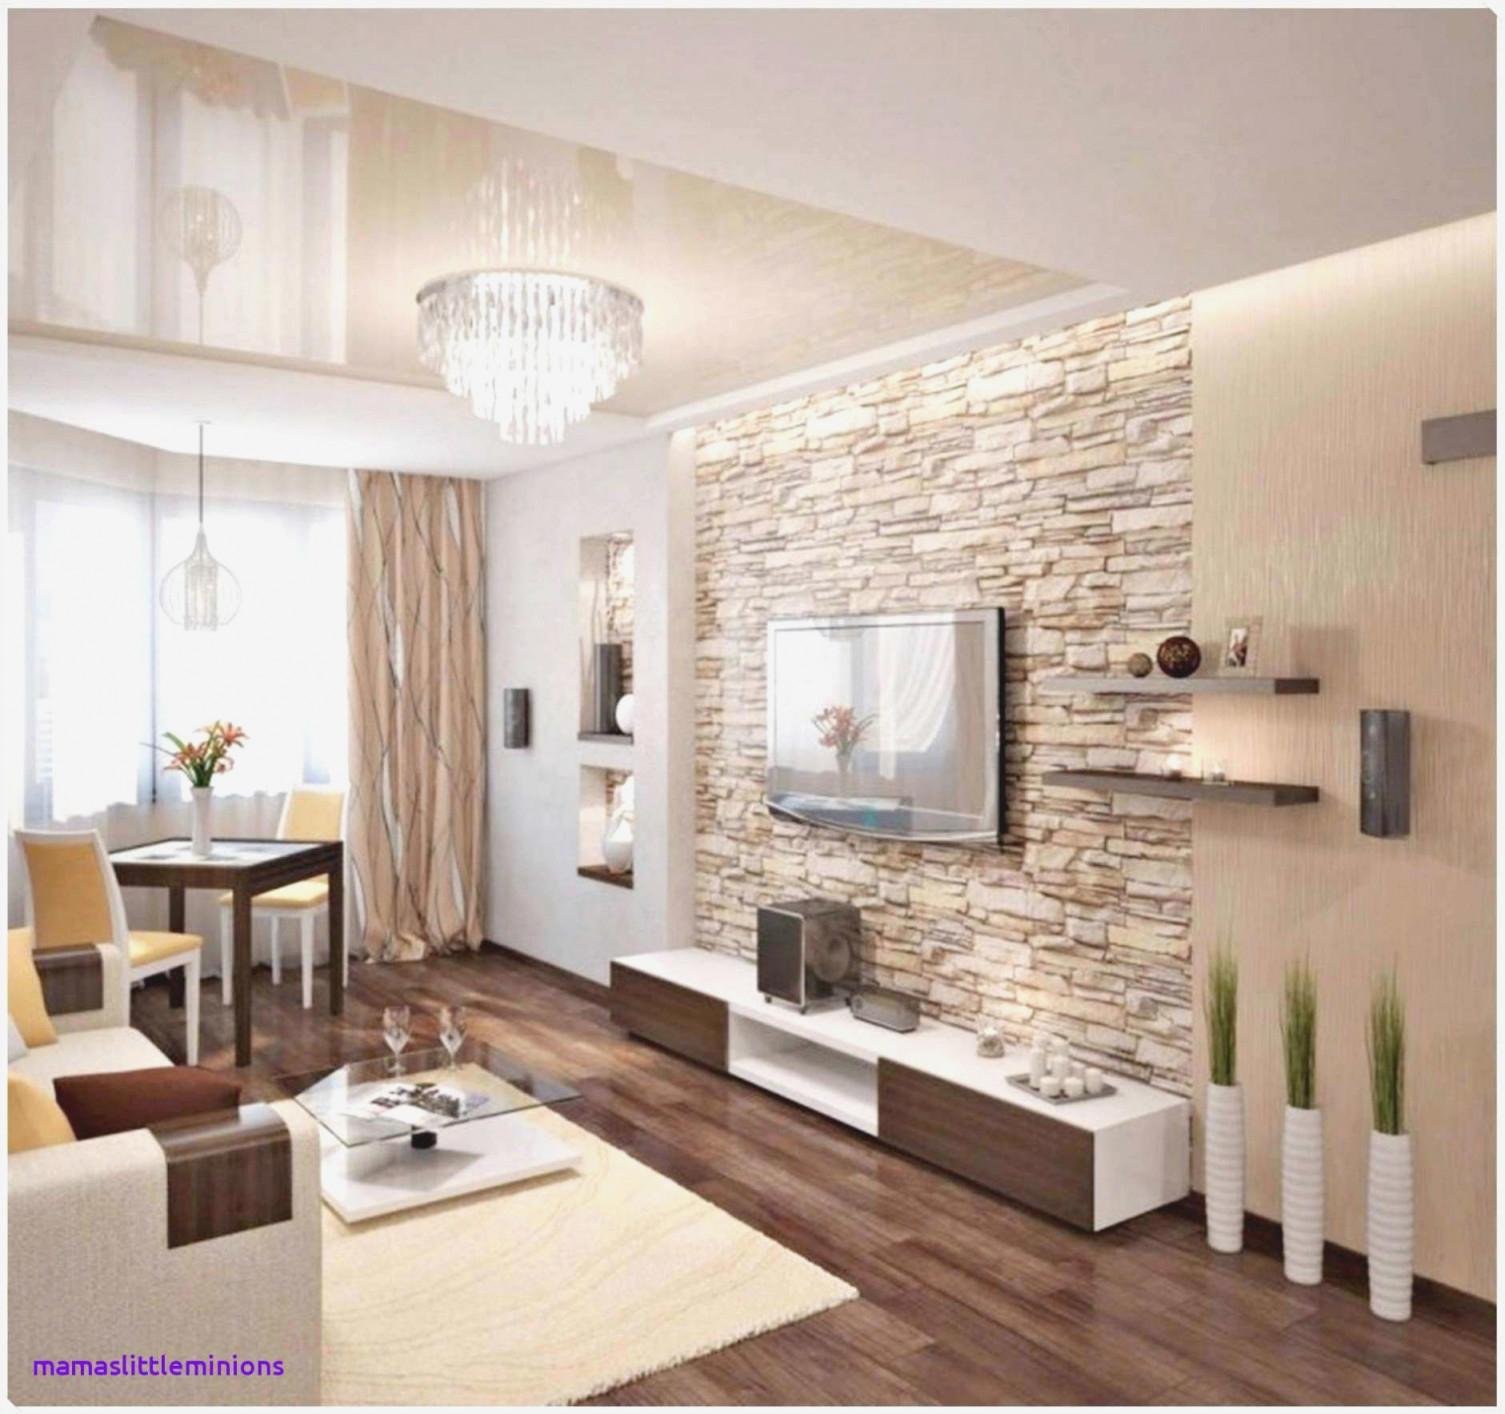 Wandgestaltung Ideen Selber Machen Wohnzimmer – Caseconrad von Wohnzimmer Wandgestaltung Bilder Photo